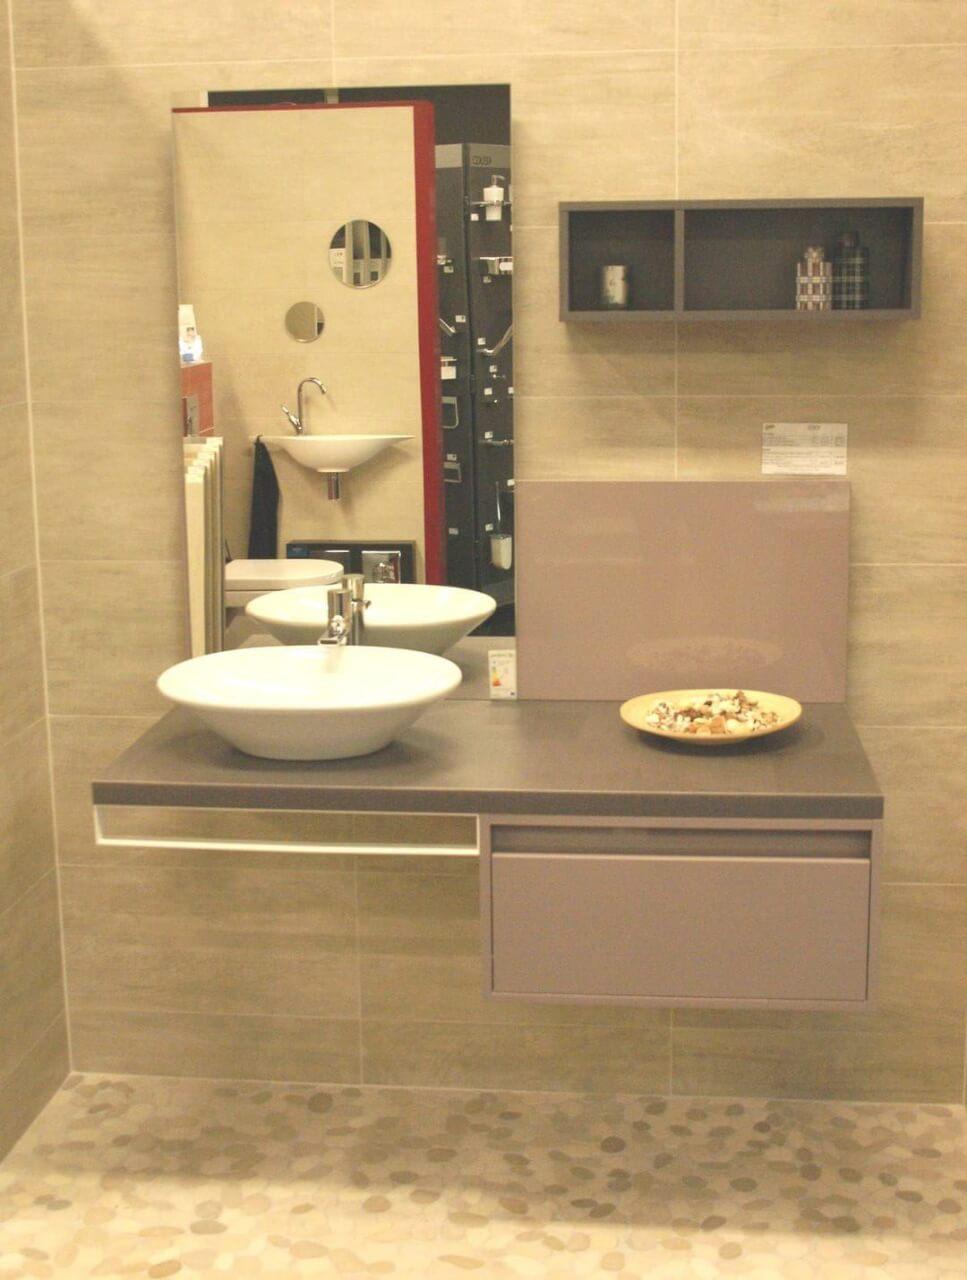 meuble de bains mix city laqu gris titane carrelage denni. Black Bedroom Furniture Sets. Home Design Ideas